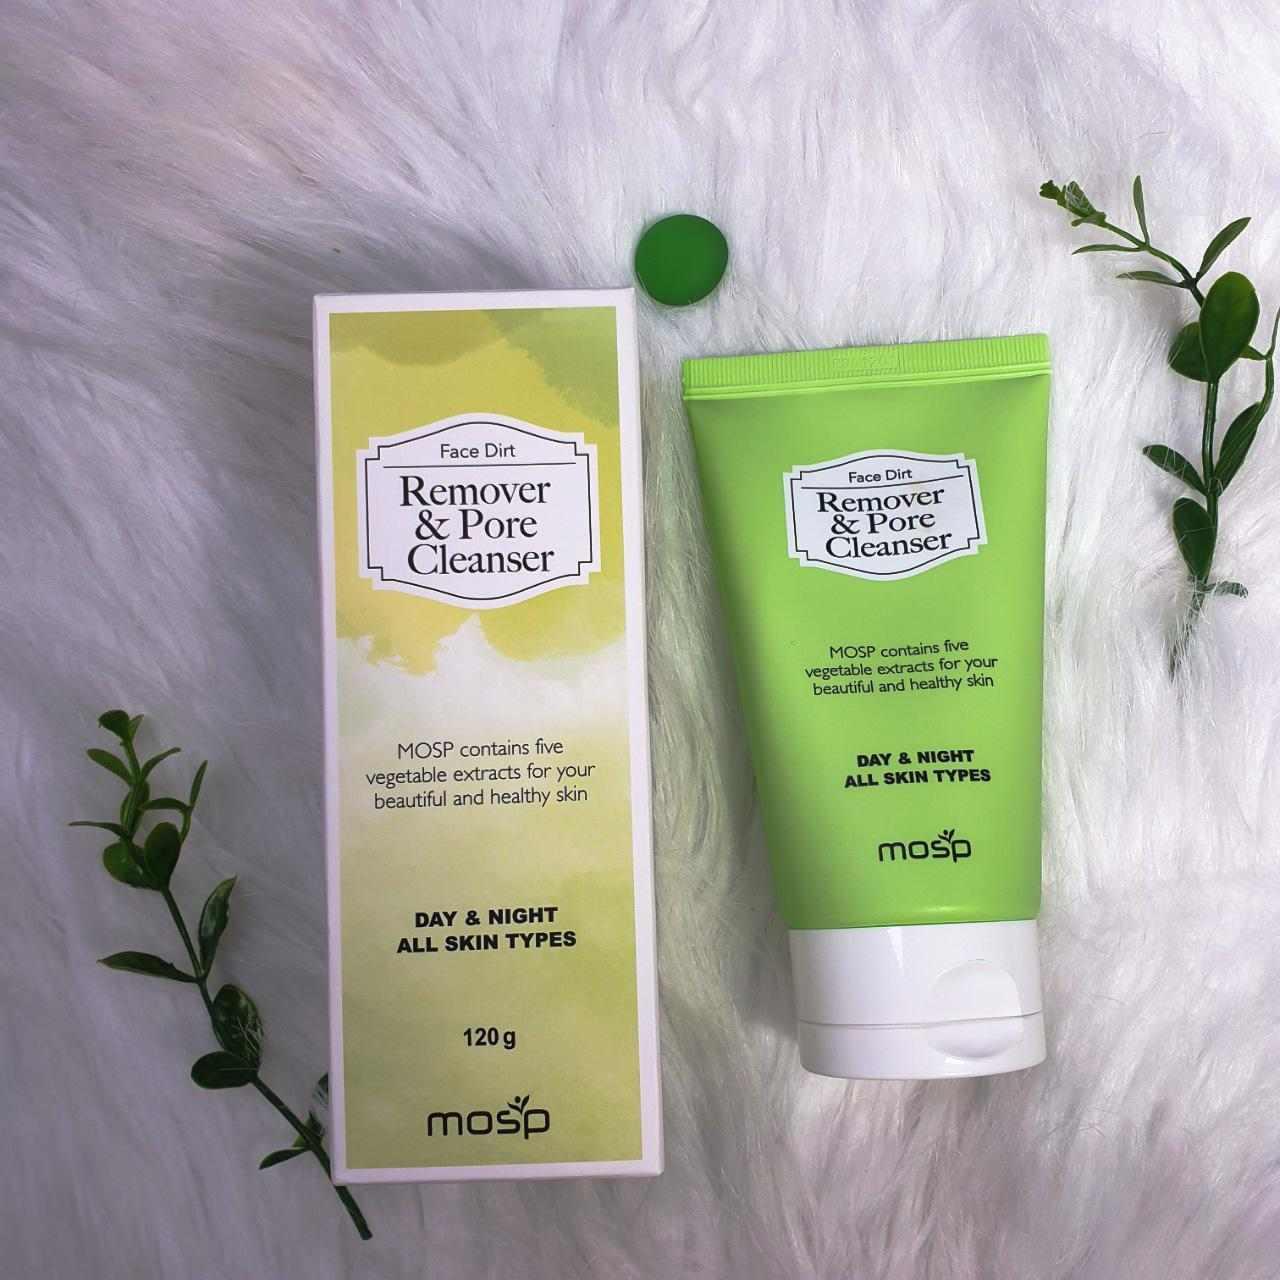 Sữa Rửa Mặt Mosp Face Dirt Remover & Pore Cleanser làm sạch & ngăn ngừa mụn hiệu quả